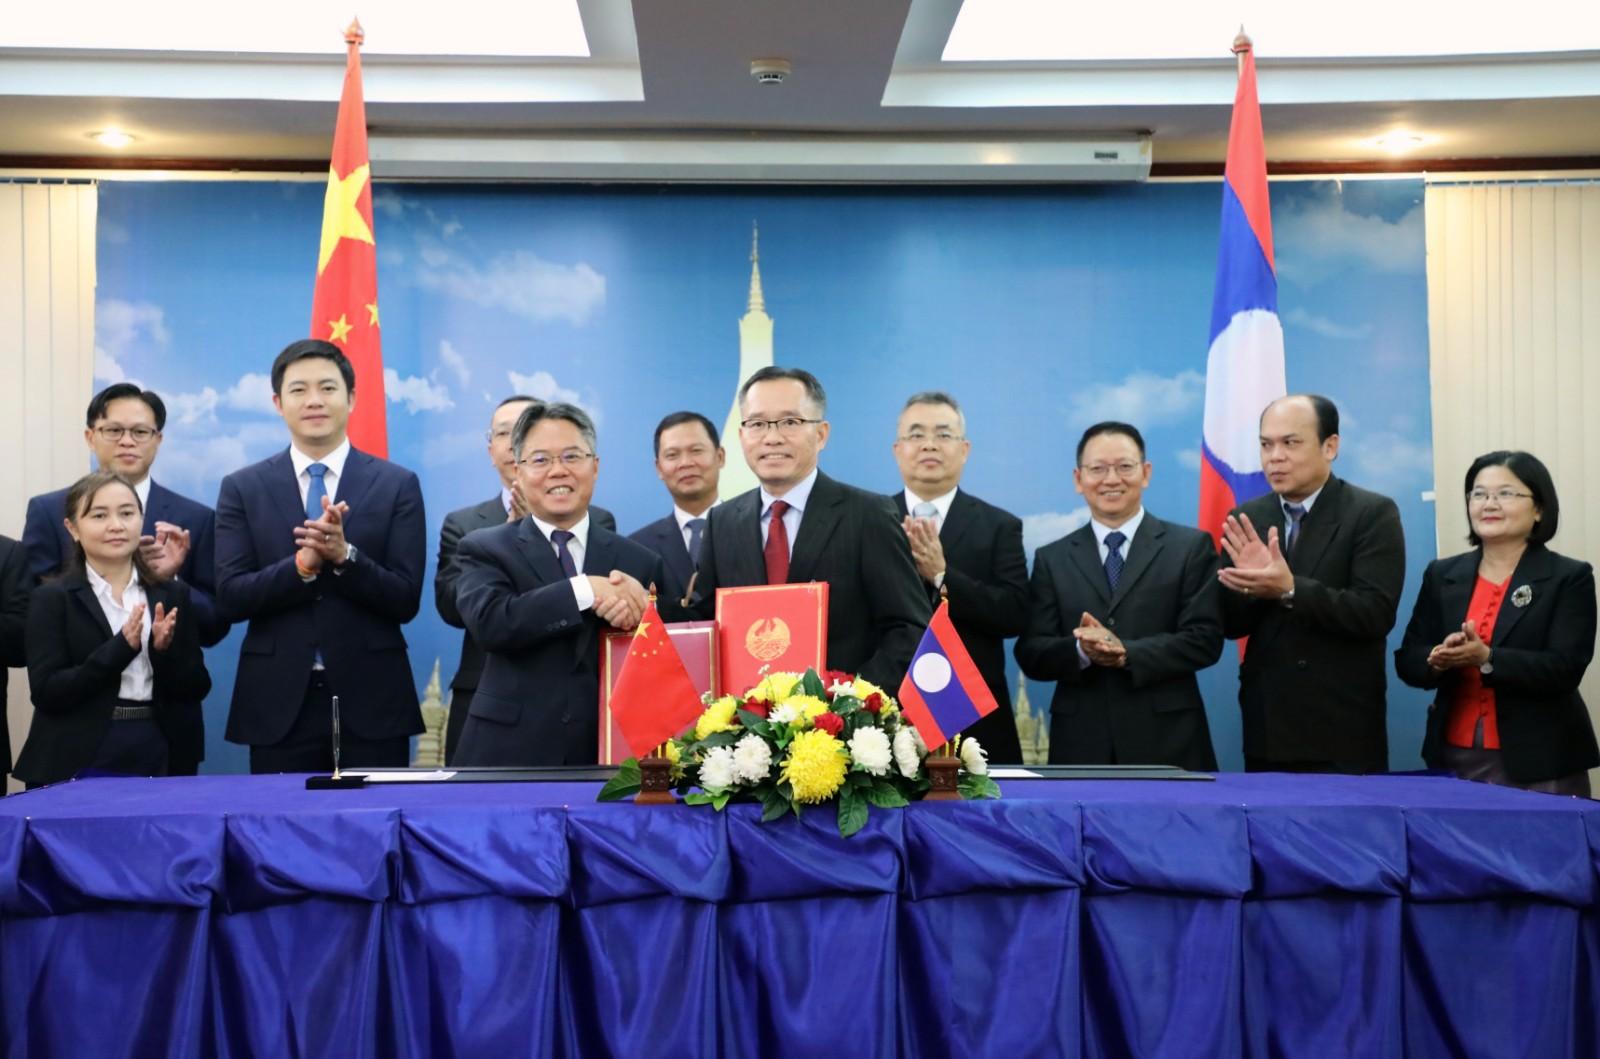 中国老挝双方签署澜湄合作专项基金2018年项目协议